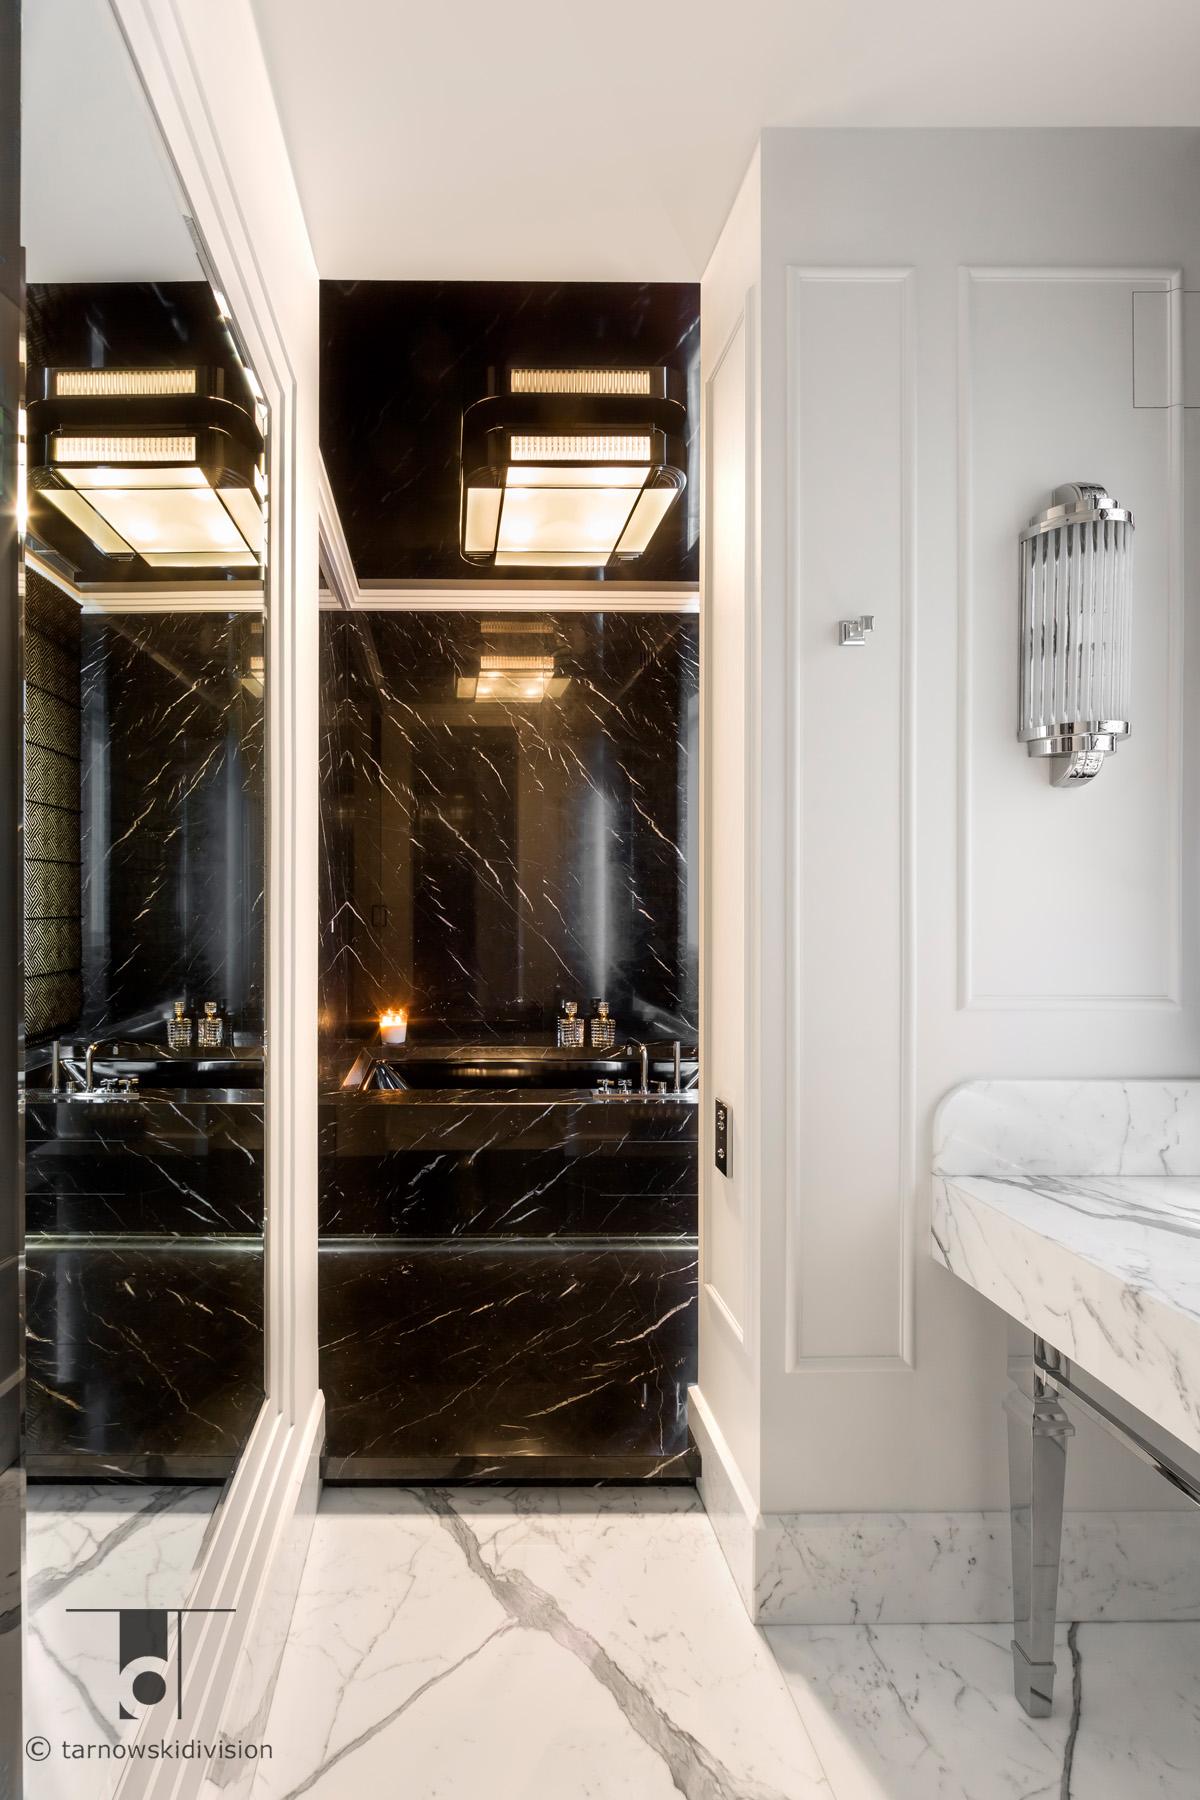 klasyczna łazienka blat z marmuru luksusowy salon kąpielowy classic marble bathroom interior_tarnowski division